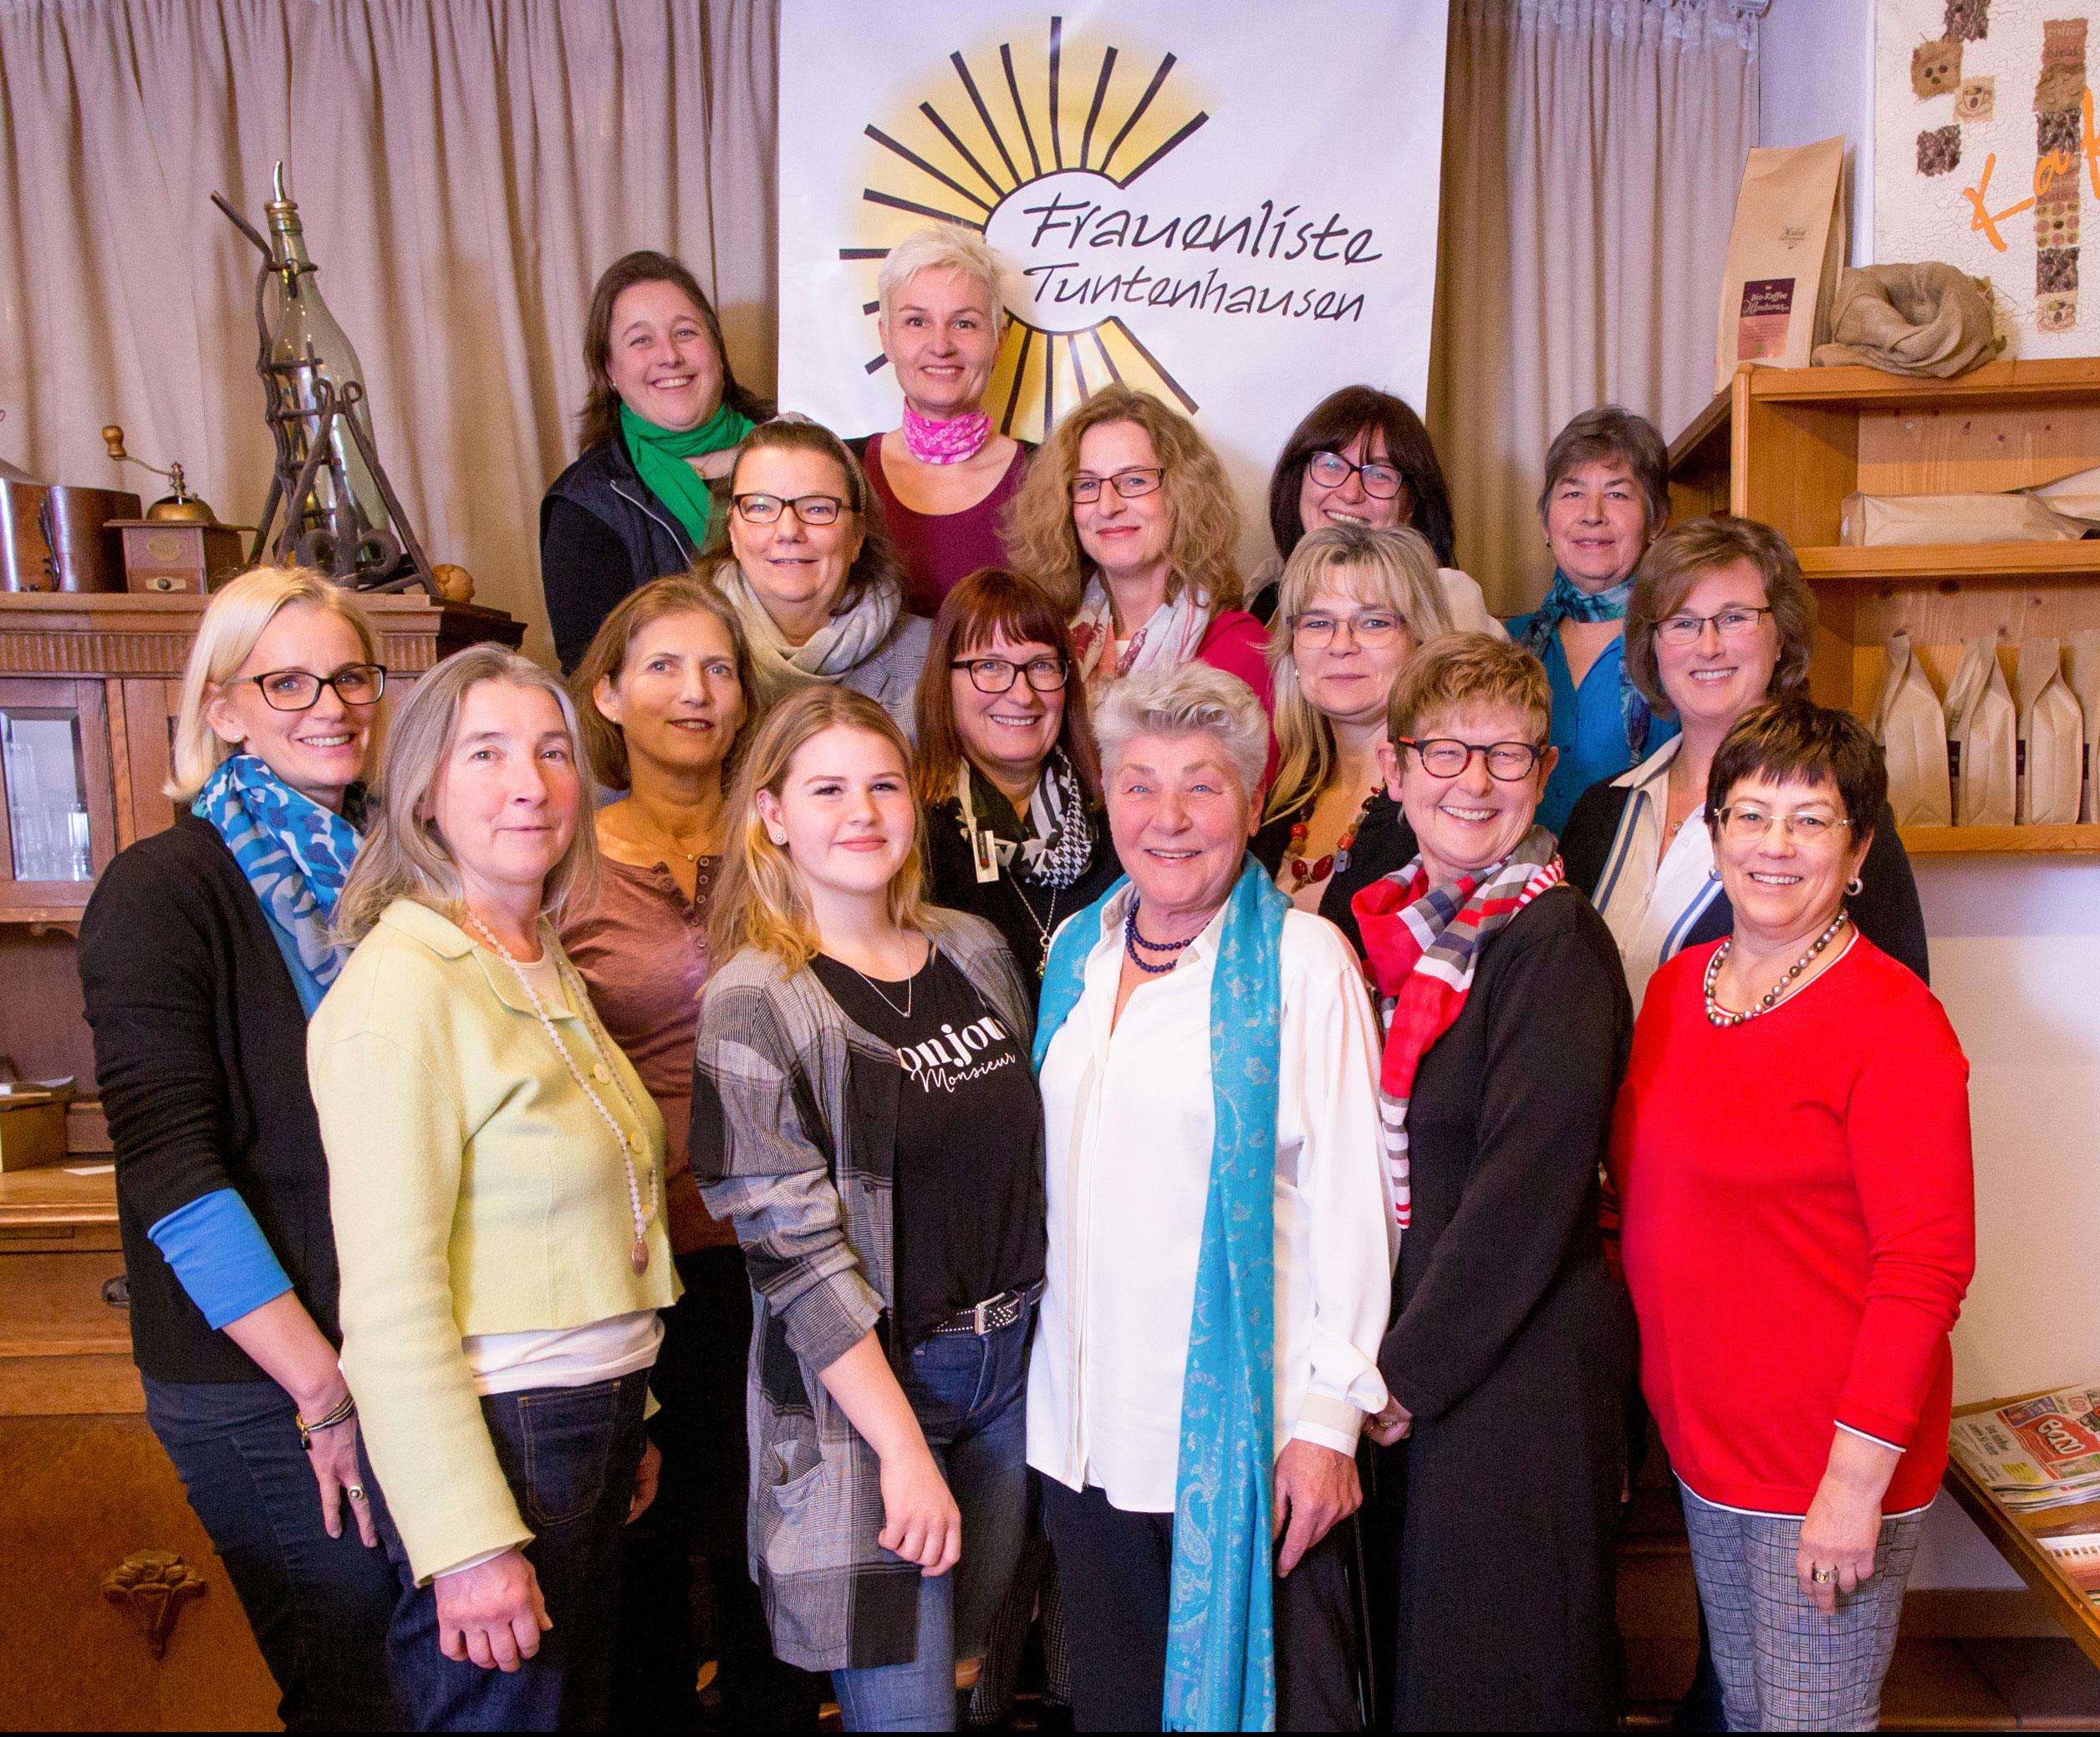 Die Kandidatinnen der Frauenliste Tuntenhausen für die Gemeinderatswahl am 15.3.20